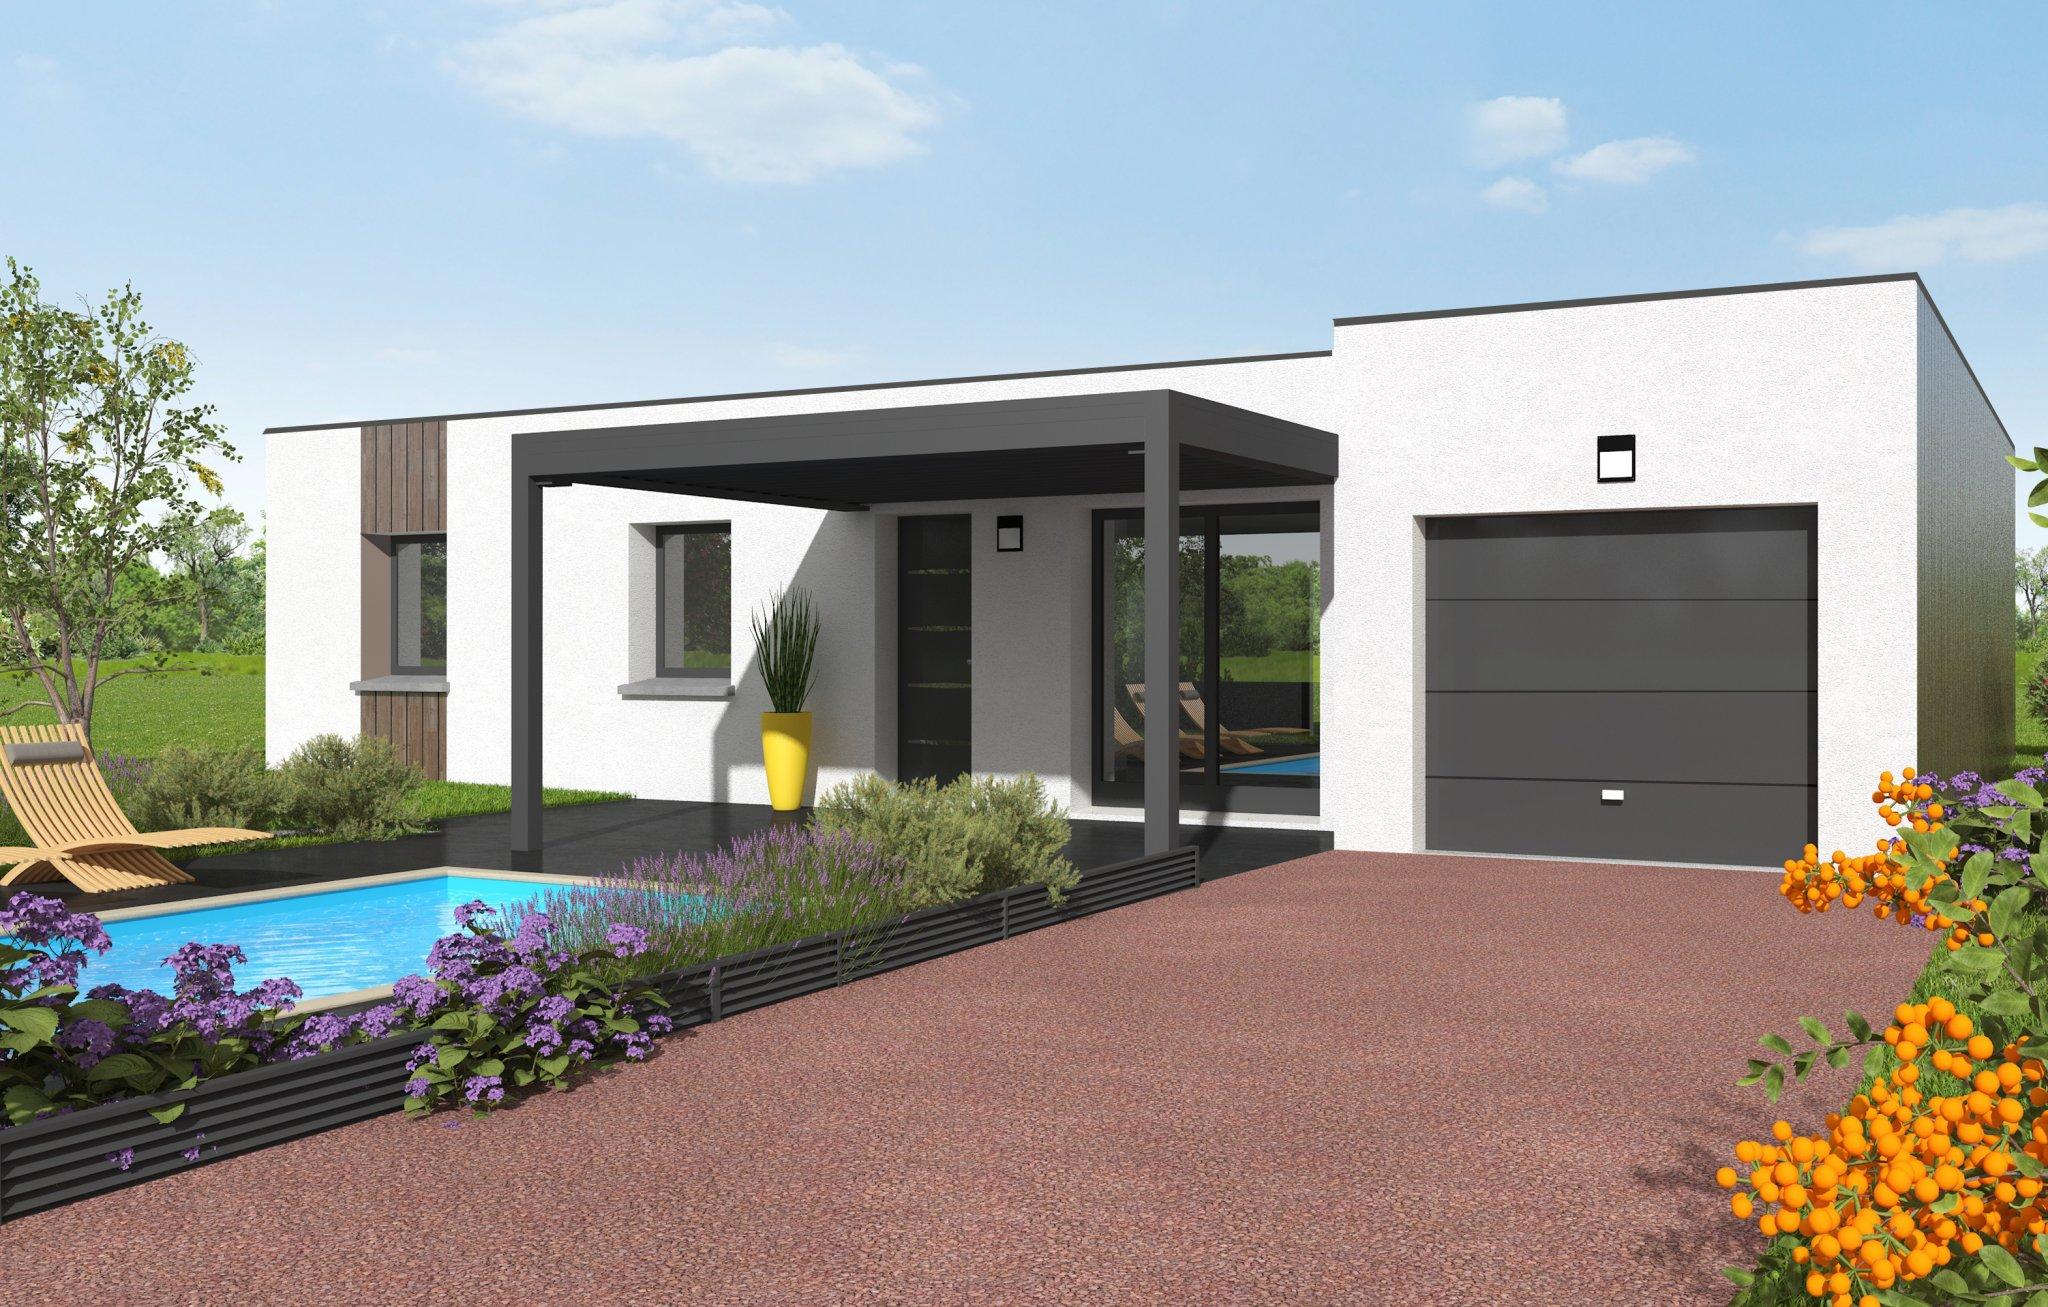 Terrains du constructeur MAISONS CLEDOR • 608 m² • GERZAT